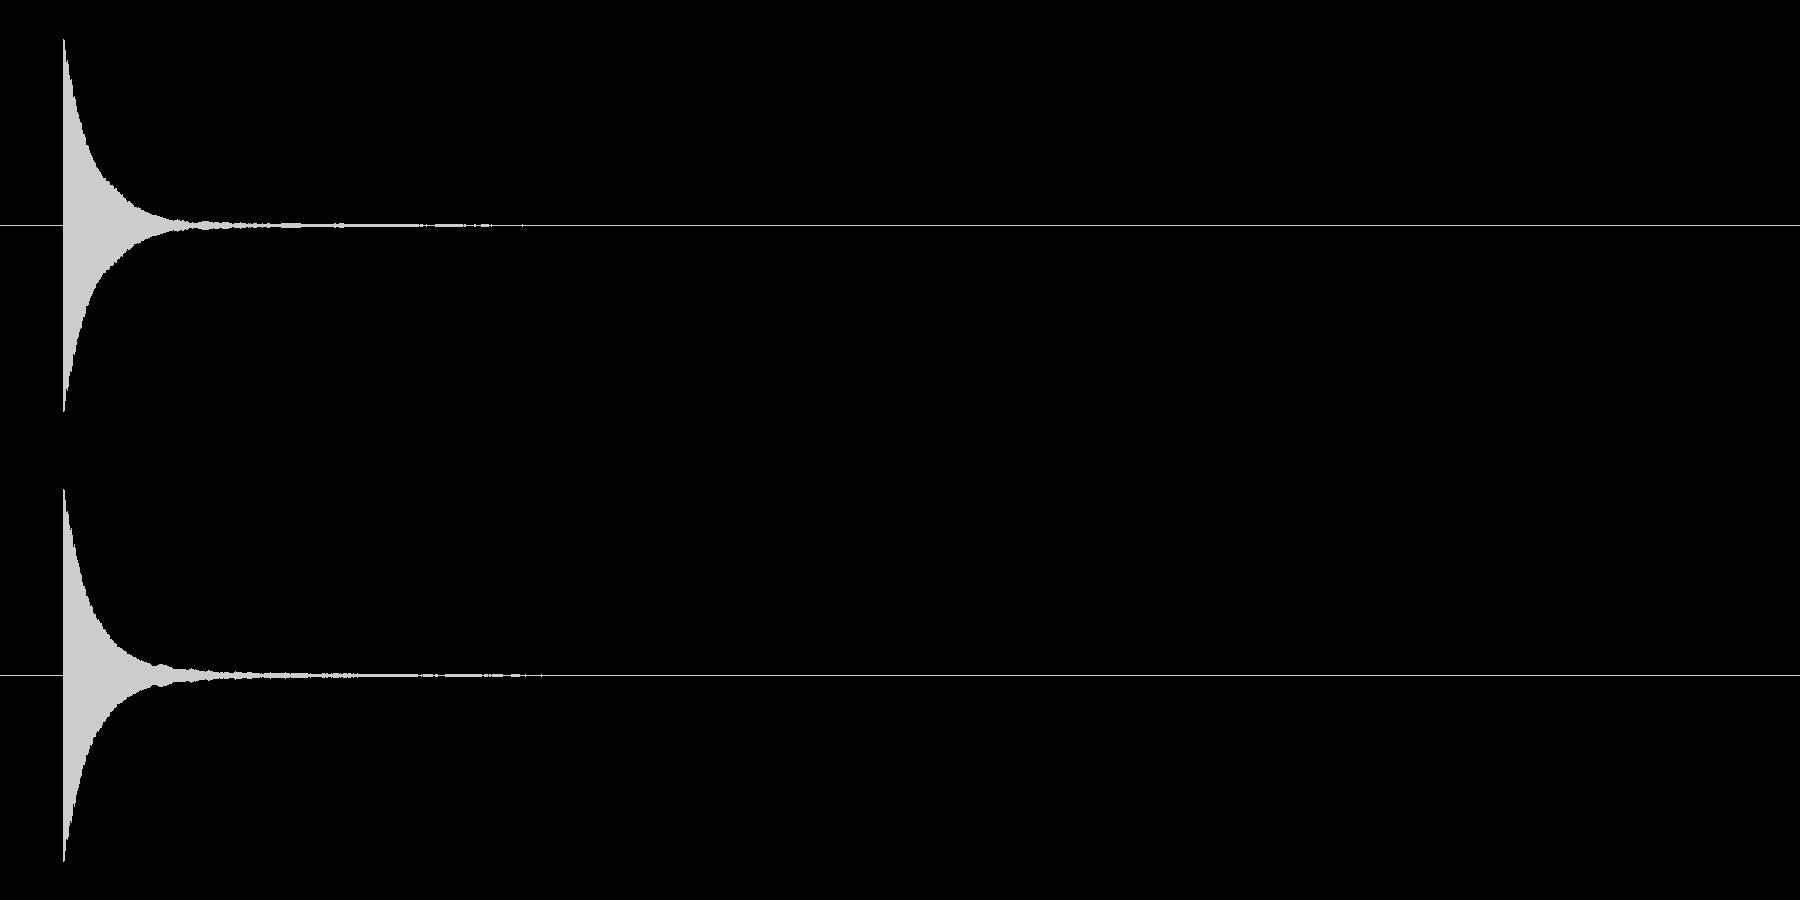 ポン パン パッ シンプルなテロップ音の未再生の波形